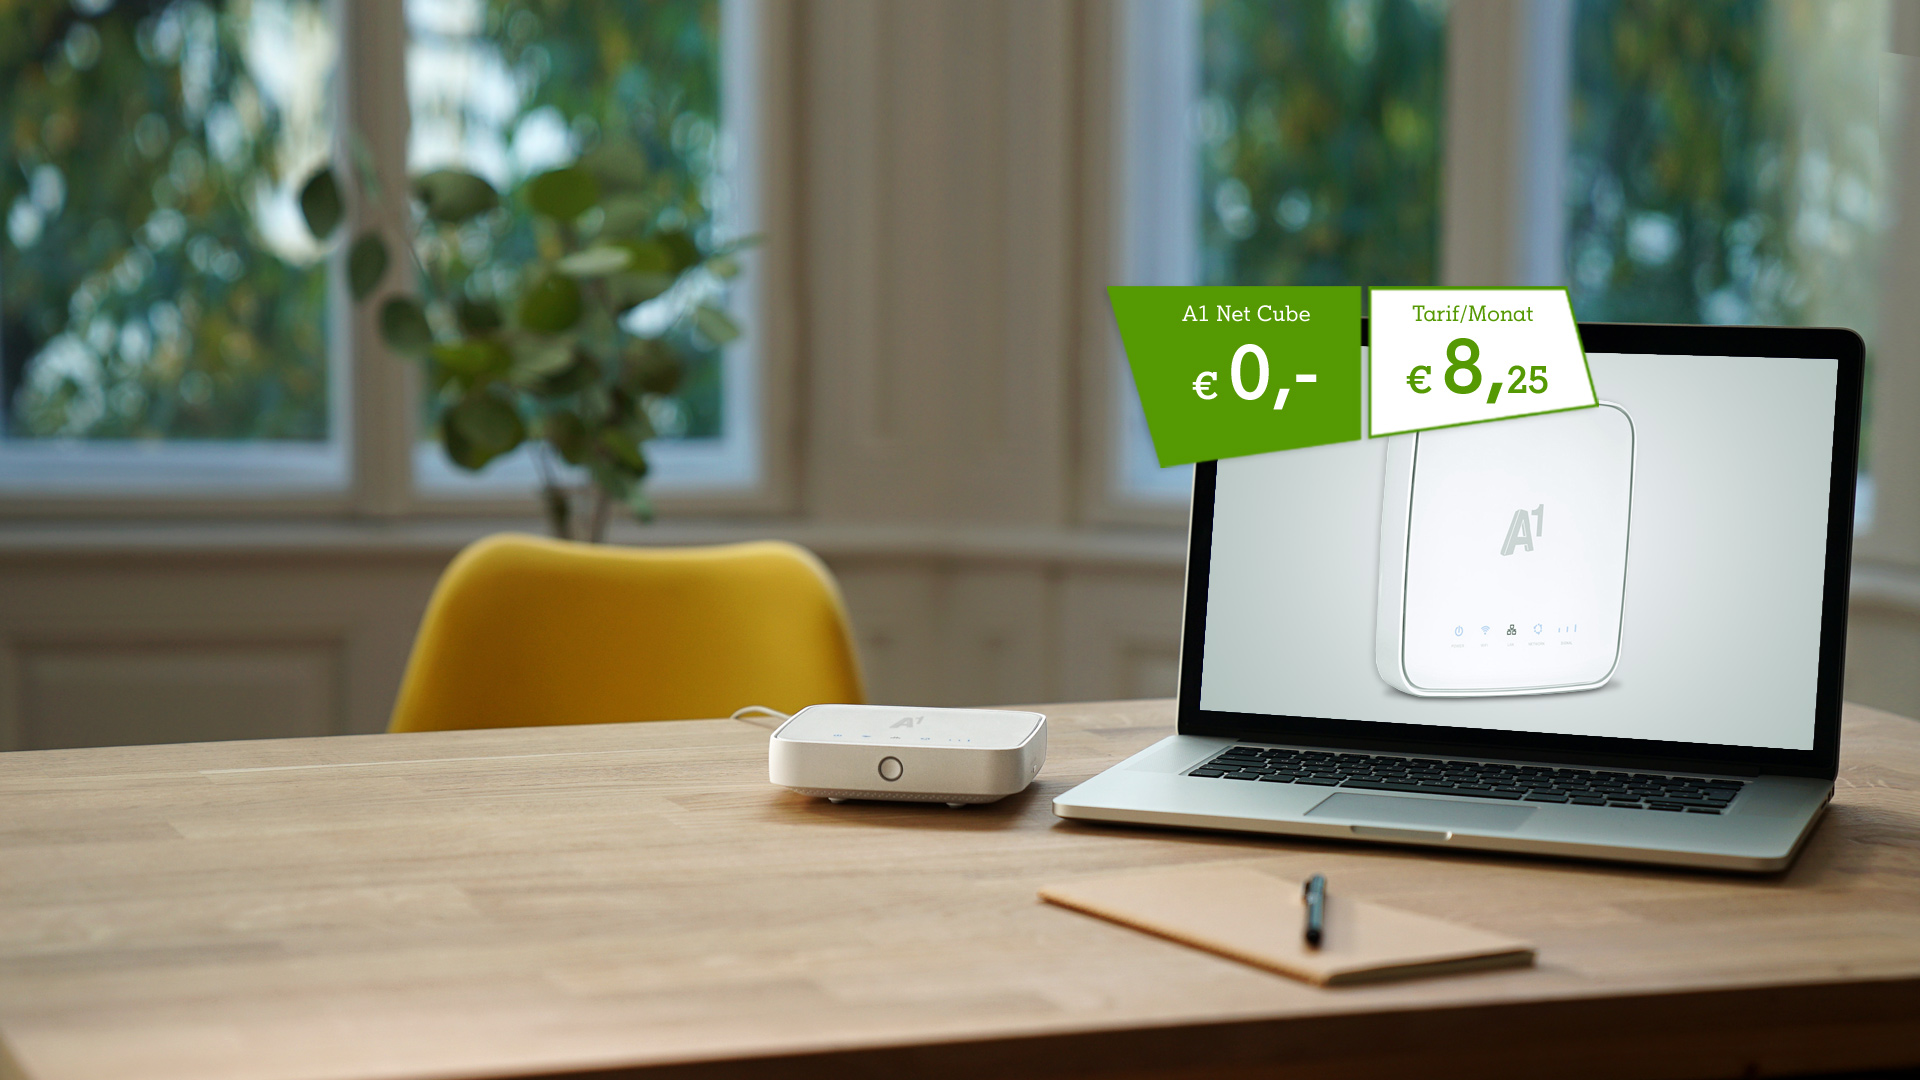 A1 Net Cube 2 um € 0,- auf einem Tisch neben einem Laptop. Tarif um € 8,25 für die ersten 3 Monate.